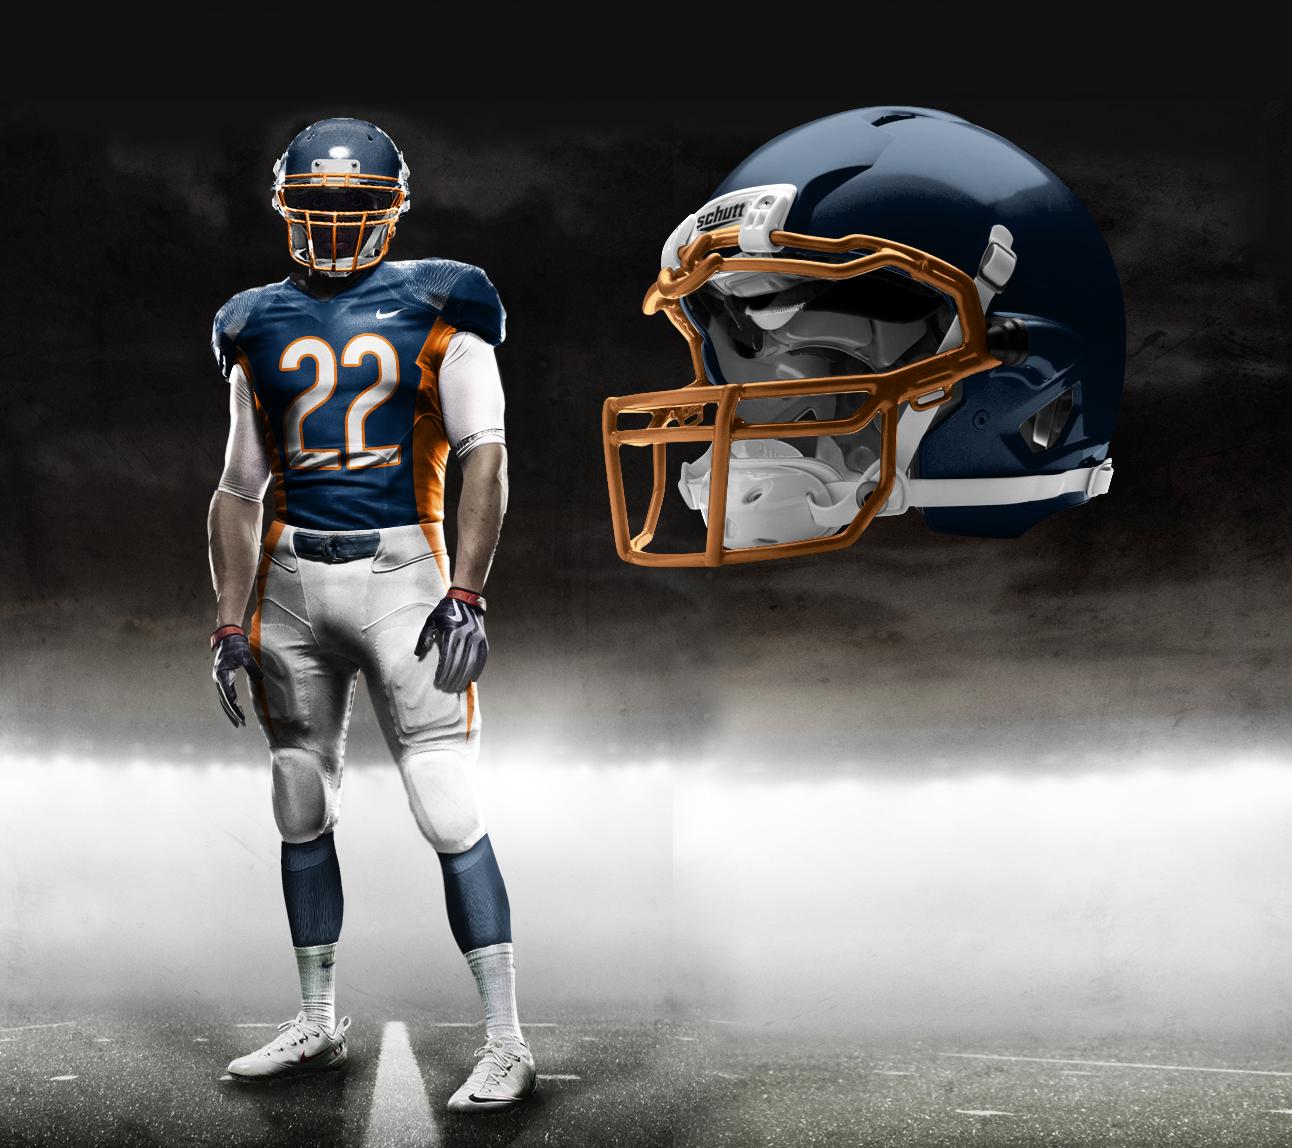 meet 2c24d 36310 Nike Pro Combat NFL Uniforms: Check Out Fake Unis That ...